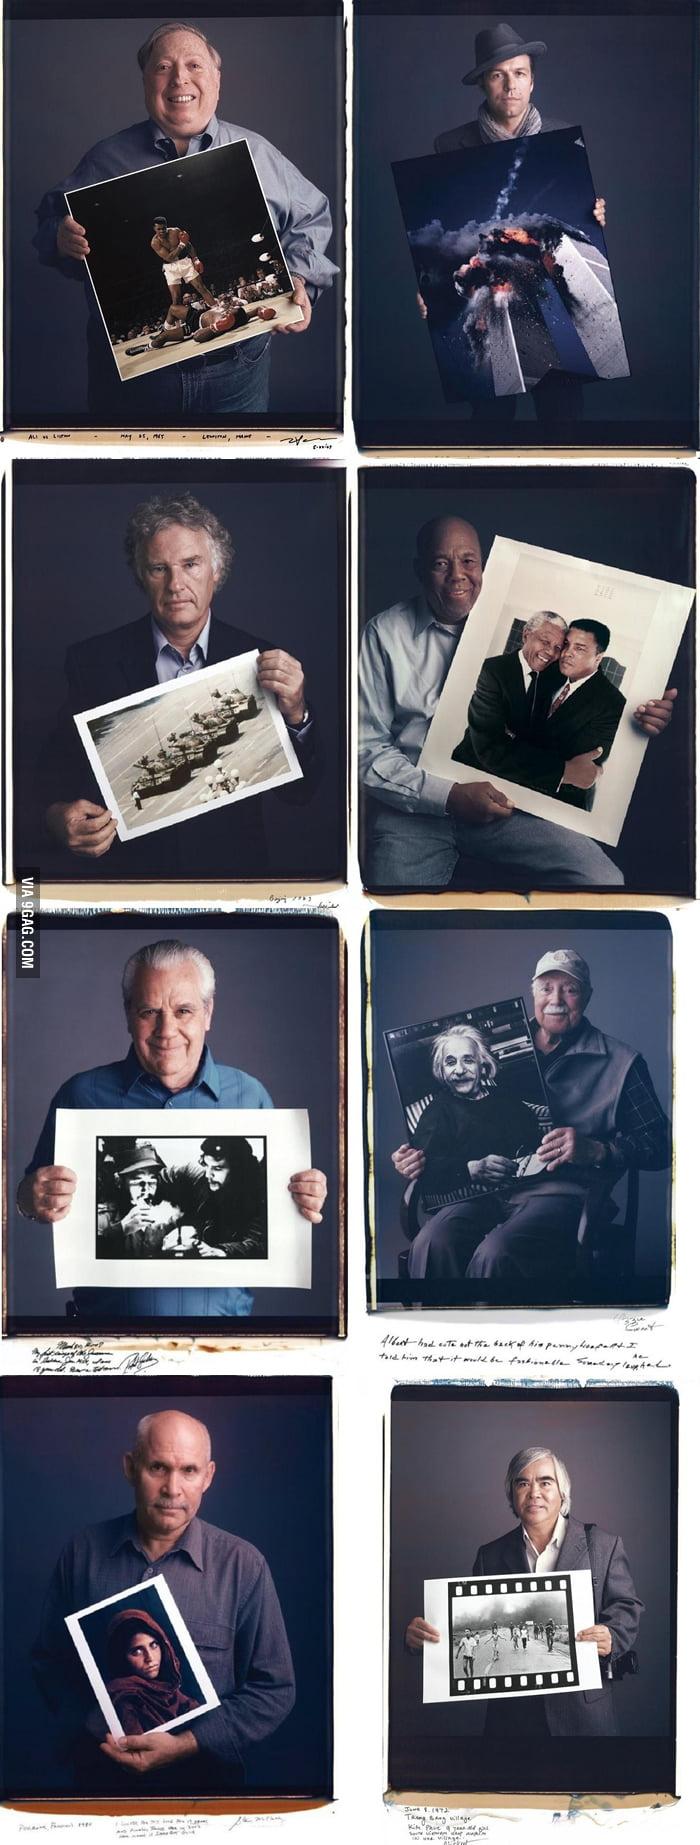 Photographers and their photos.